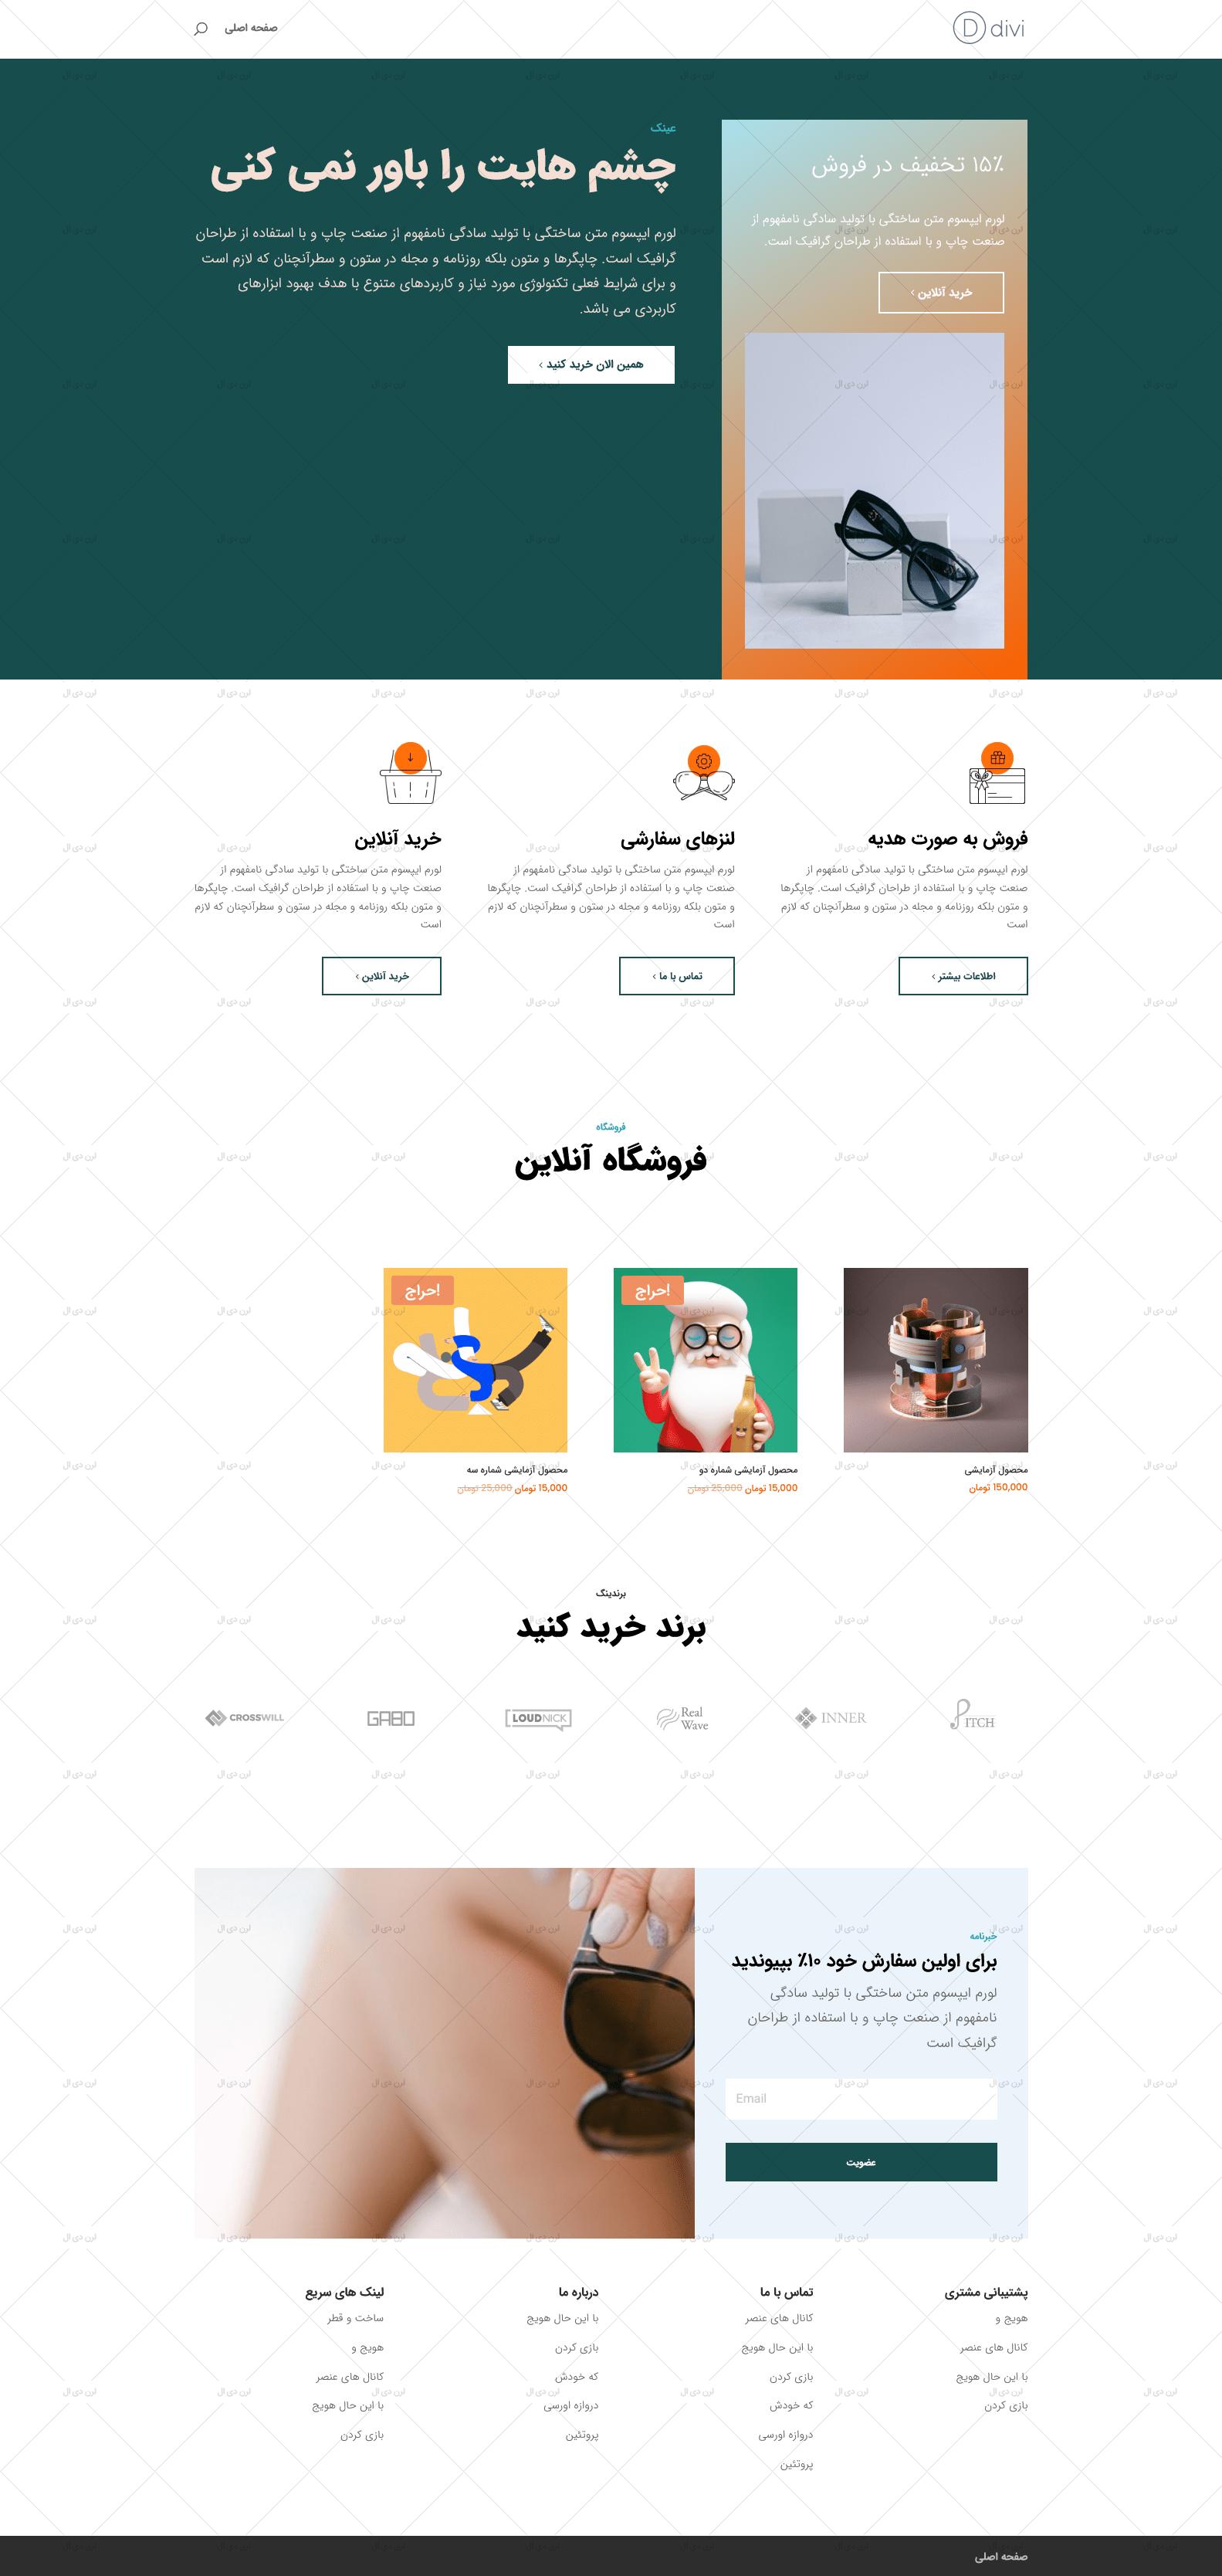 دمو سایت فروشگاهی عینک برای وردپرس